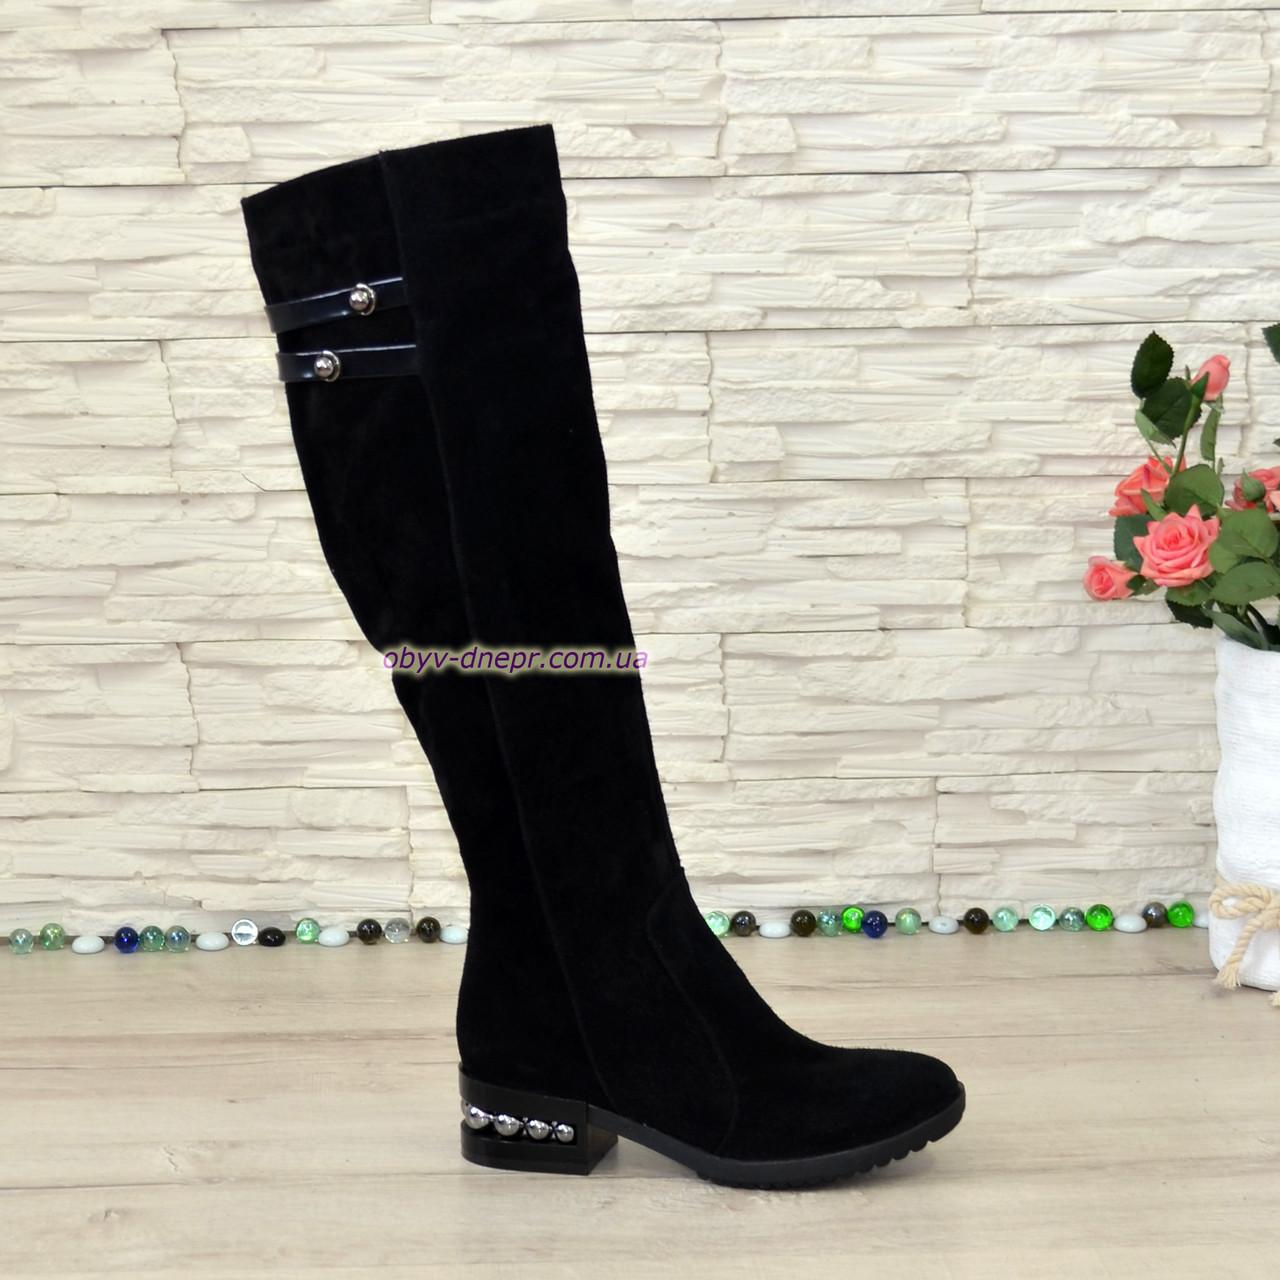 Ботфорты черные женские замшевые на невысоком декорированном каблуке